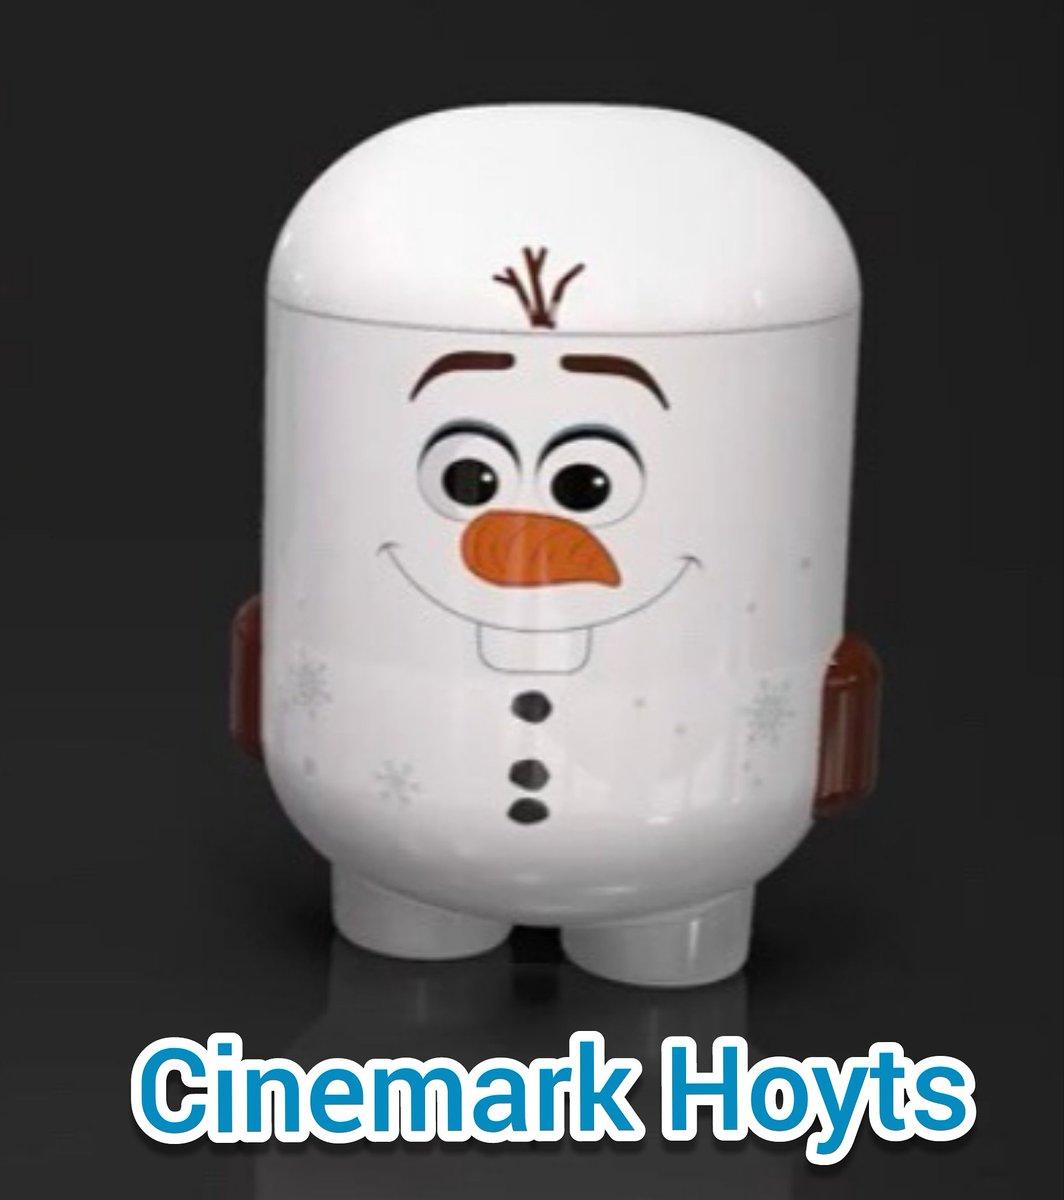 #ToysmanNews  #Wow > El 2 de enero llega #Frozen2 a los cines 🇦🇷 y te adelantamos la pochoclera premium de Olaf, la cual sería EXCLUSIVA #Cinemark #Hoyts⁉️ ¿Que les parece?